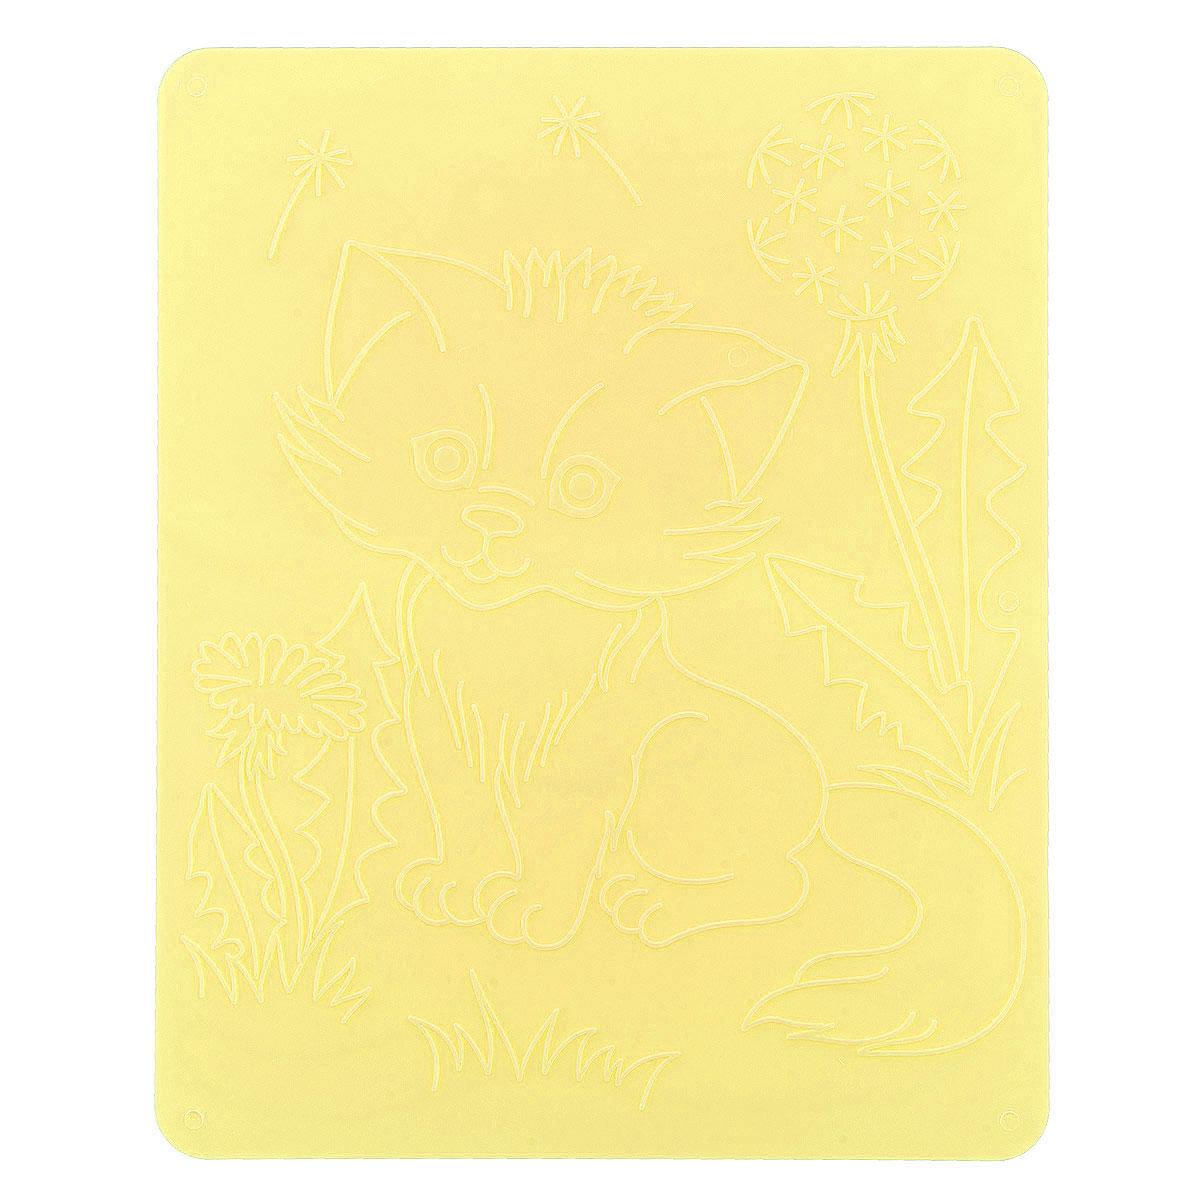 Луч Трафарет рельефный Кошки цвет желтый18С 1177-08_желтыйТрафарет рельефный Луч Кошки, выполненный из безопасного пластика, предназначен для детского творчества. Трафарет не имеет традиционных прорезей - рисунок выступает над плоской поверхностью. Чтобы получить рисунок на бумаге, трафарет кладется под лист, а сверху бумага штрихуется с помощью восковых карандашей. Метод штриховки особенно полезен при подготовке ребенка к школе, развивается мелкая моторика, зрительное восприятие, аккуратность, и вместе с тем, ребенок с увлечением учится рисовать. Также трафарет предназначен для развития зрительно-двигательной координации и навыков художественной композиции. В упаковке один двусторонний трафарет с изображением милых котят. Трафарет предназначен для работы с восковыми карандашами.